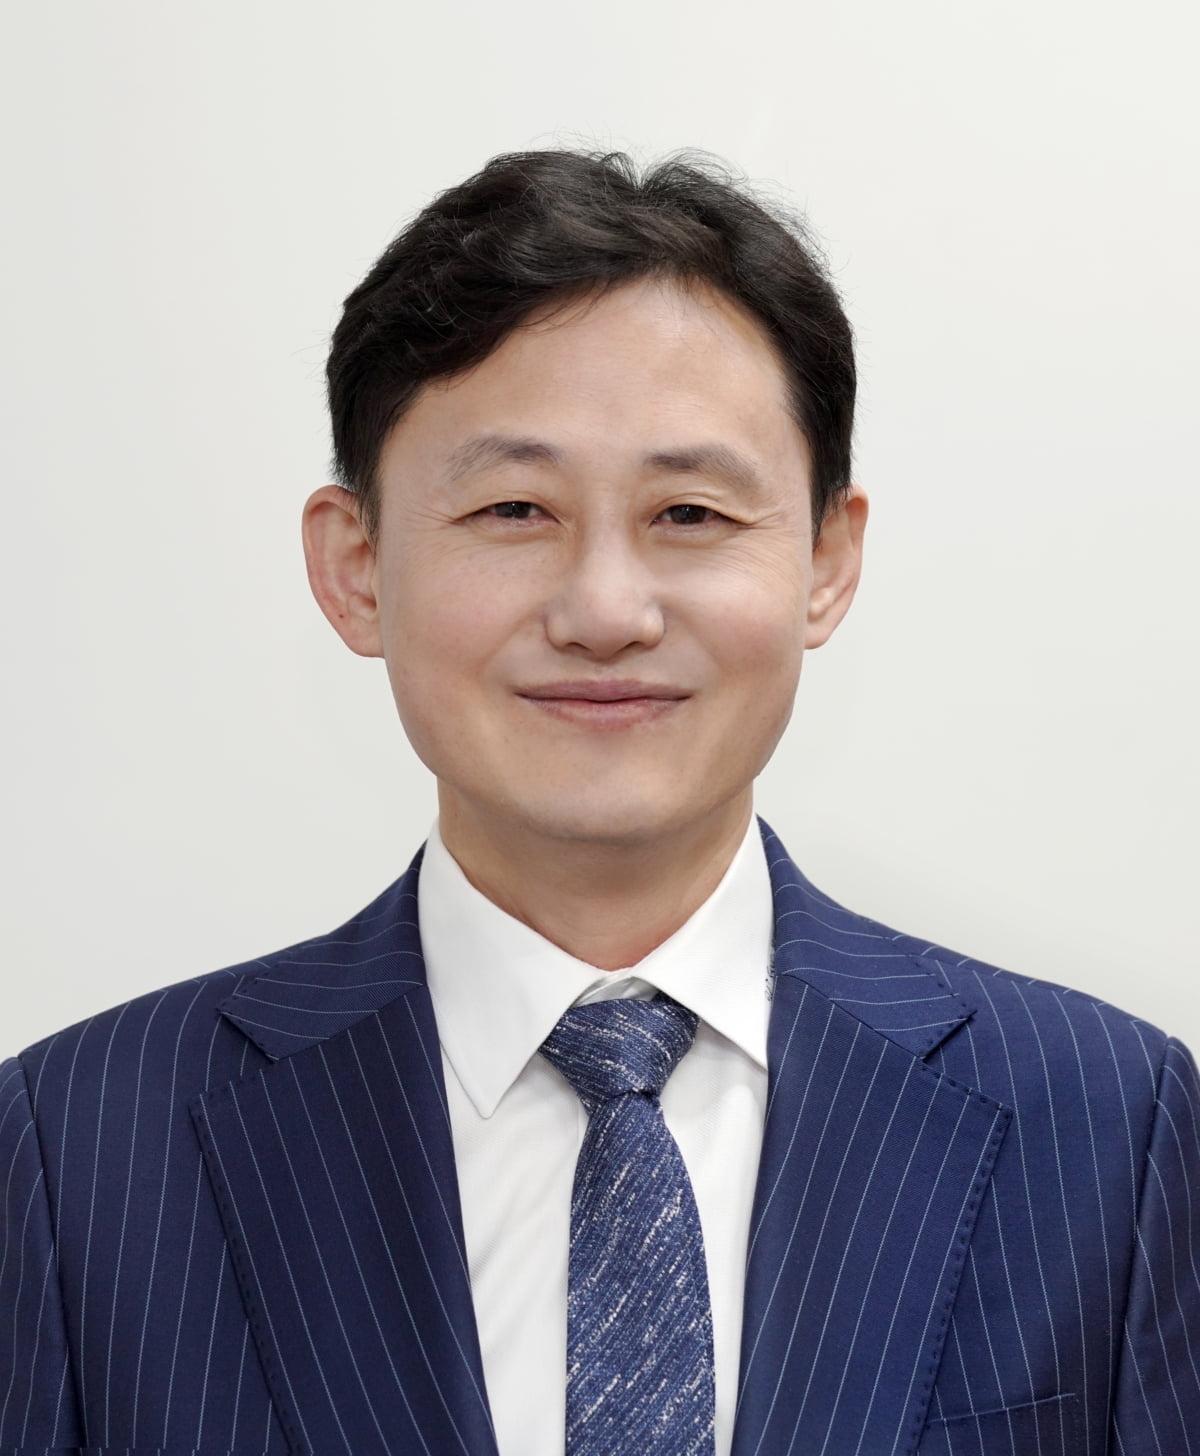 """靑 부대변인에 윤재관…""""소통의 도보다리 놓겠다"""""""